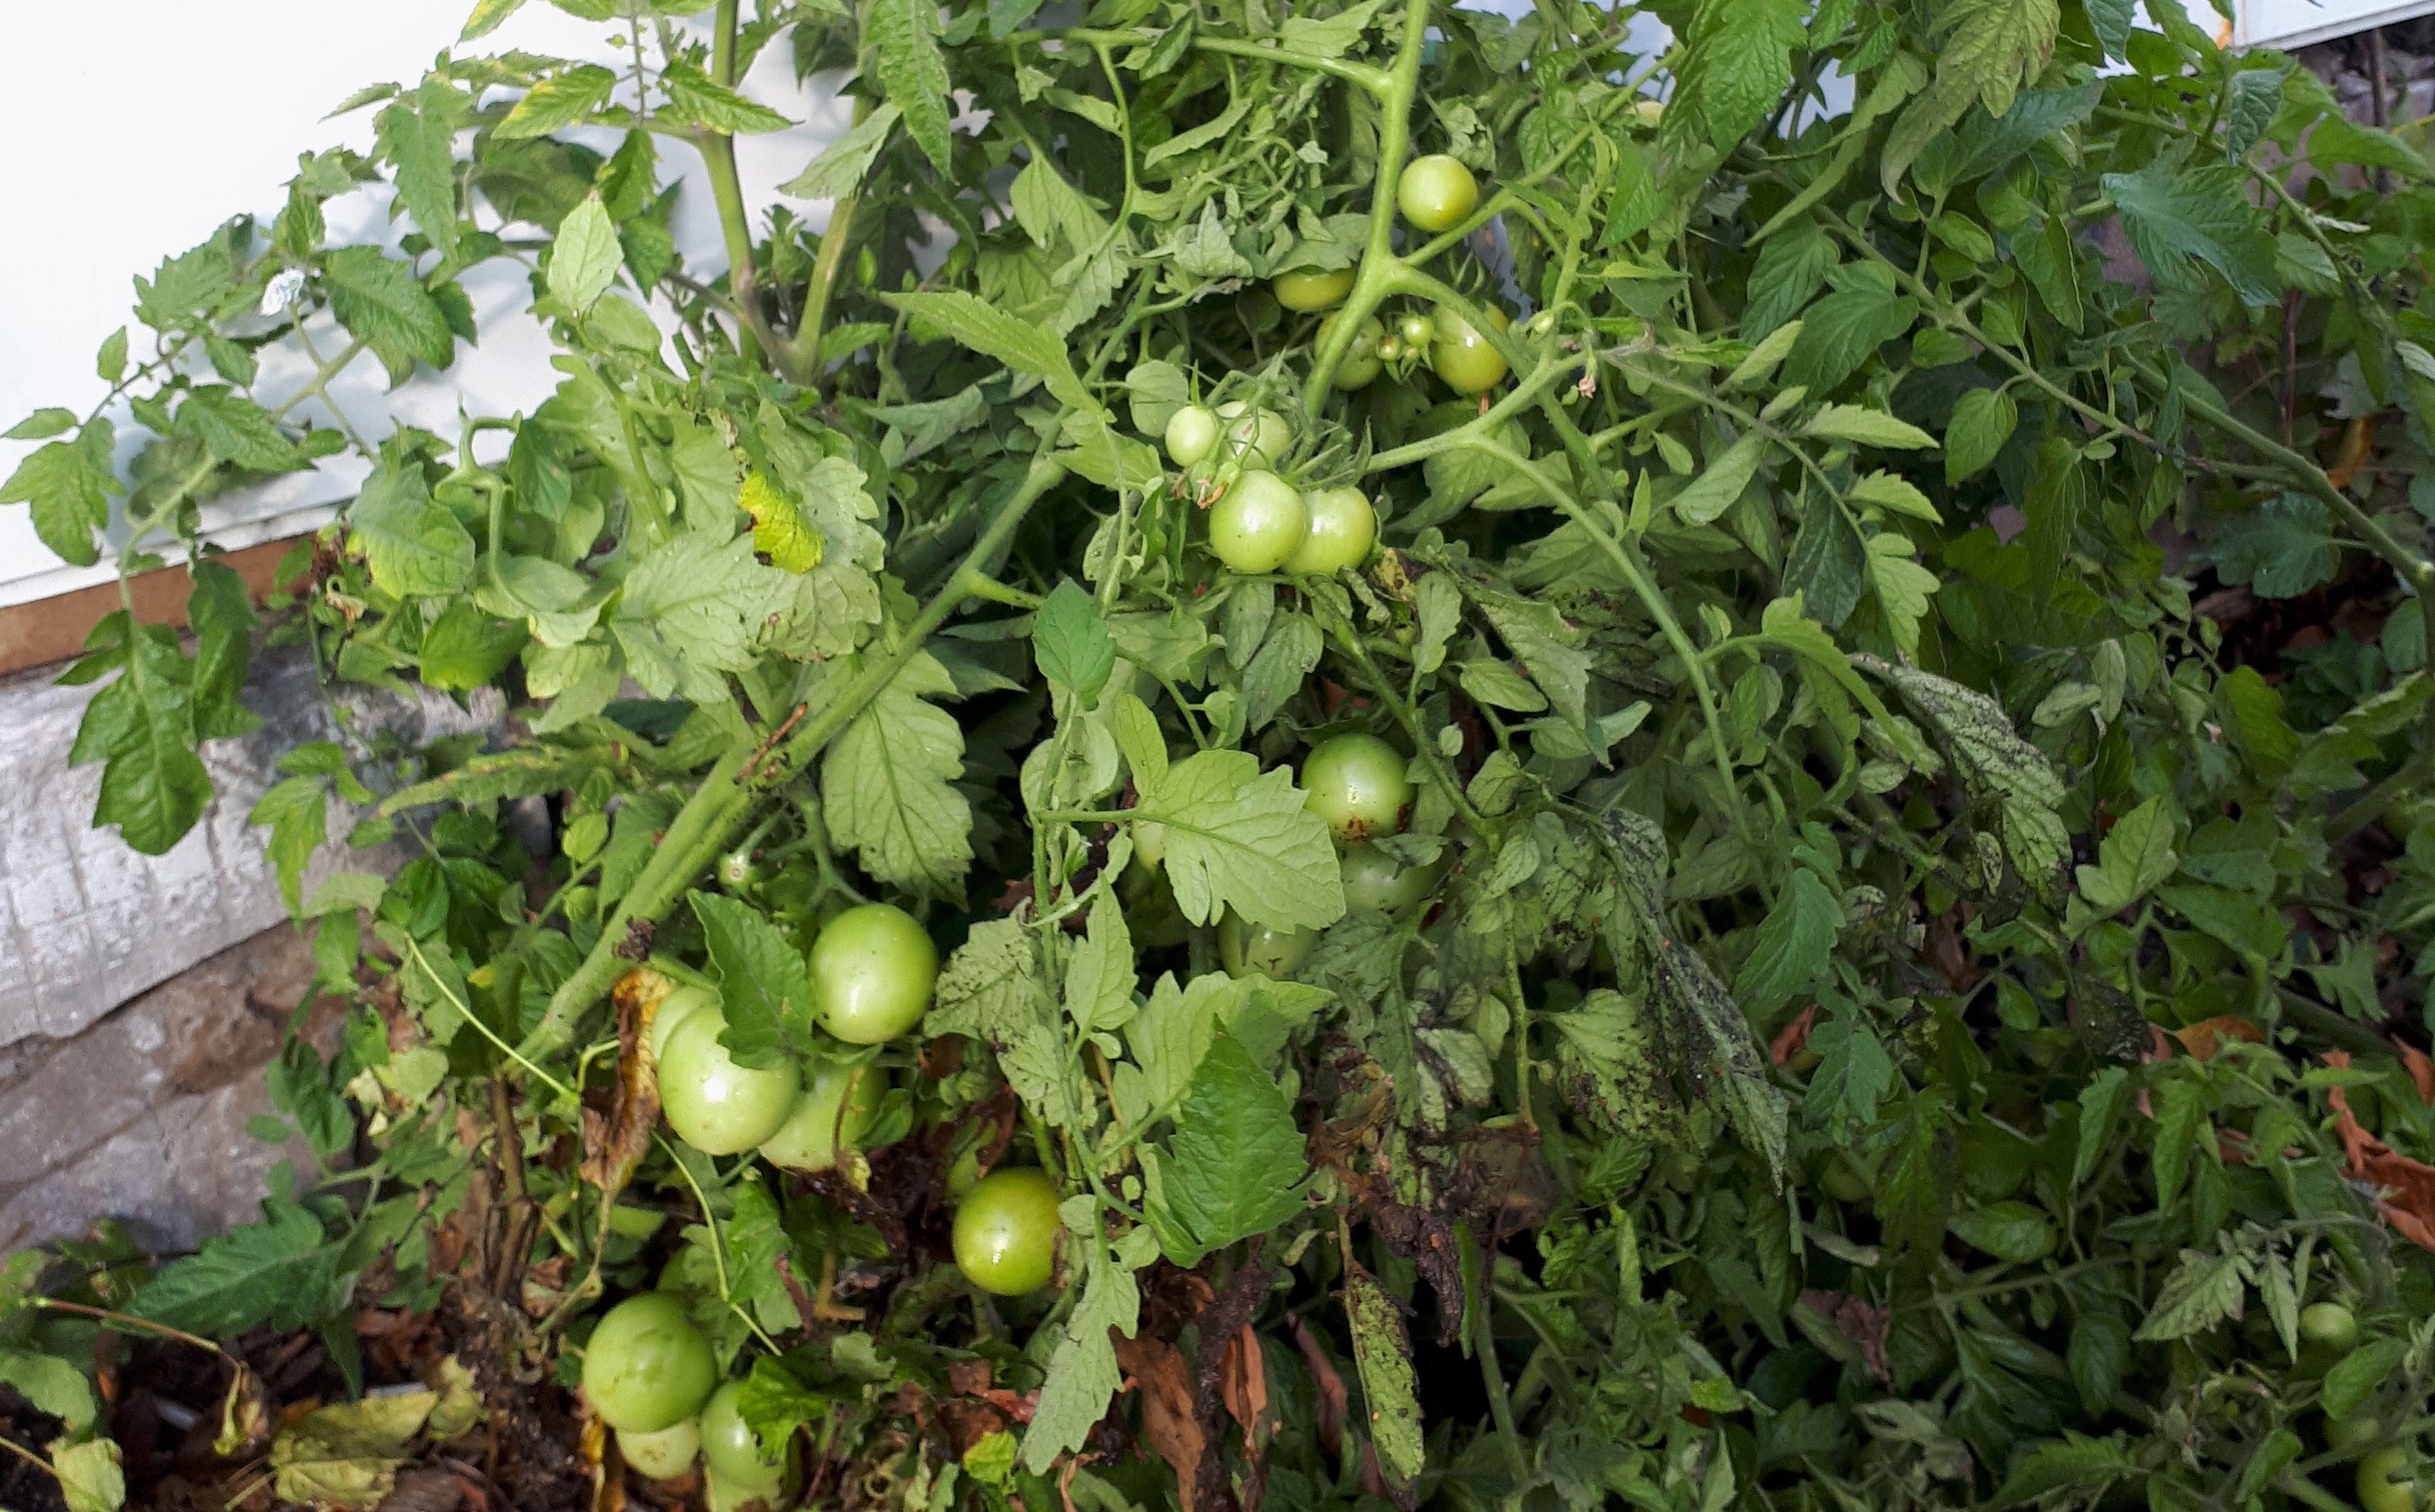 Томаты в Зябликове: народный корреспондент обнаружила урожай возле дома